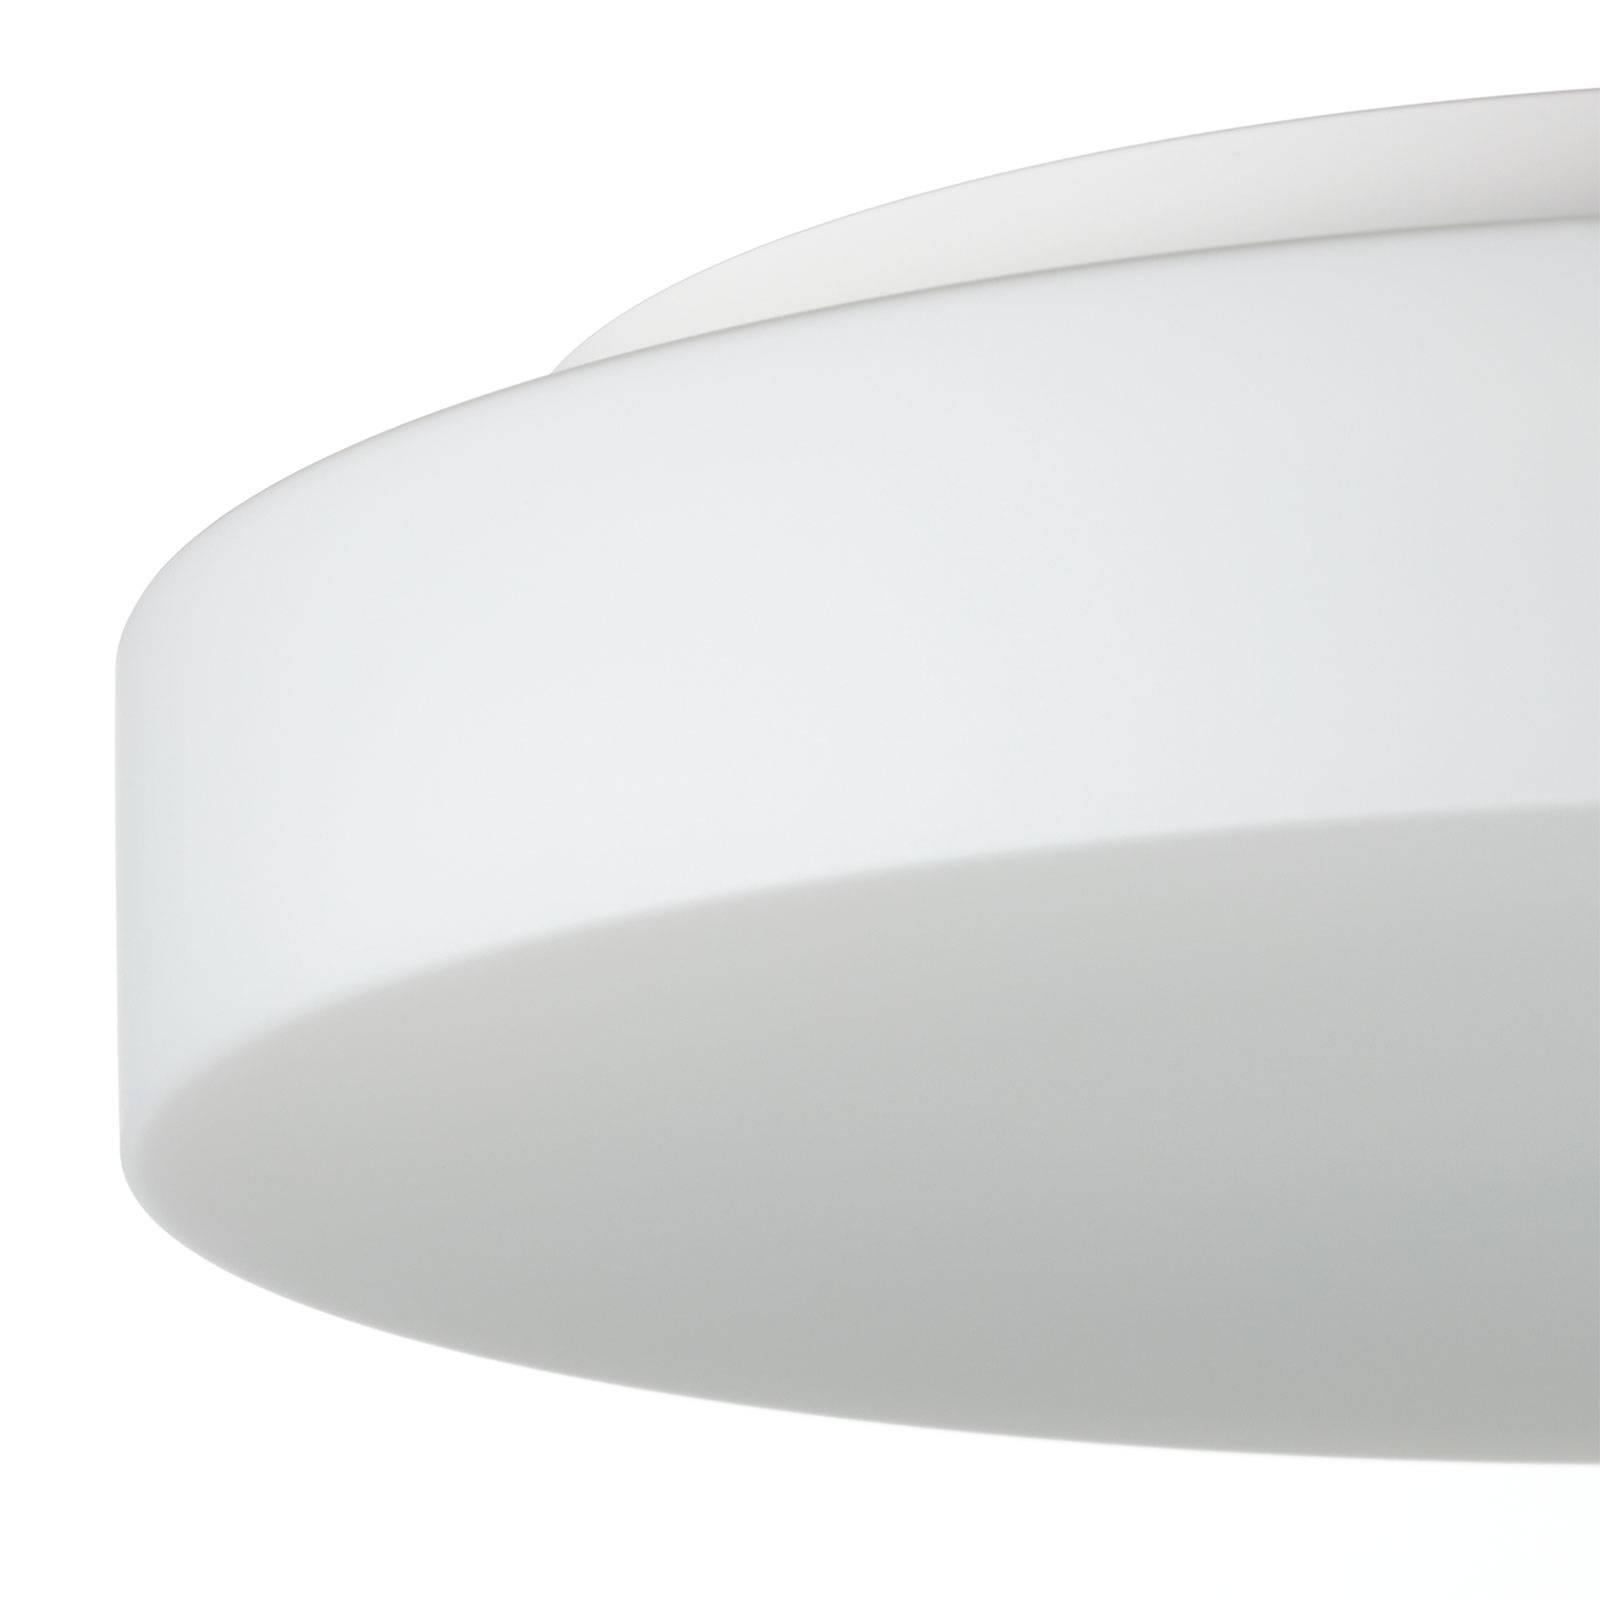 BEGA 23297 LED-kattovalaisin lasi DALI 4000K Ø47cm